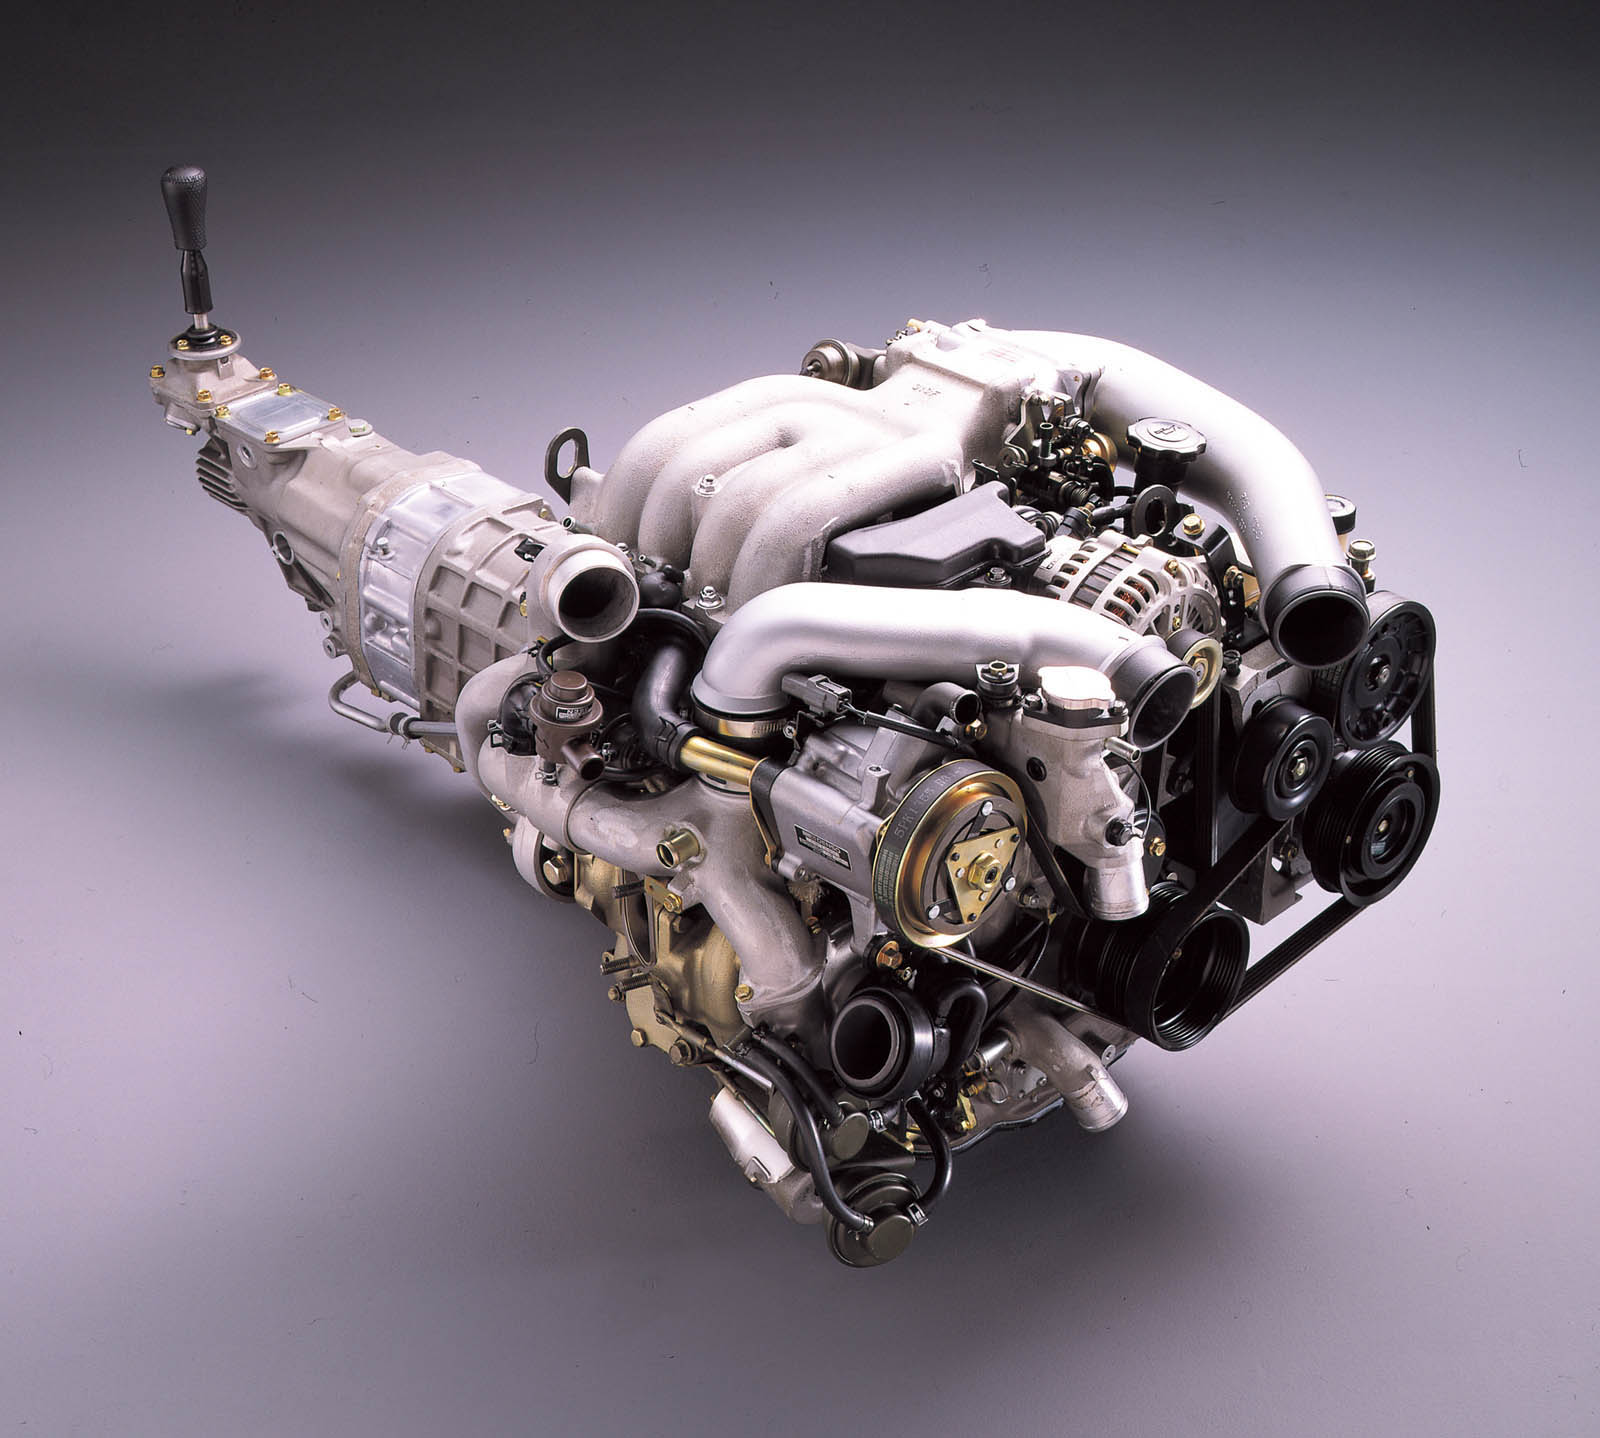 Mazda-50-years-of-rotary-p15_03